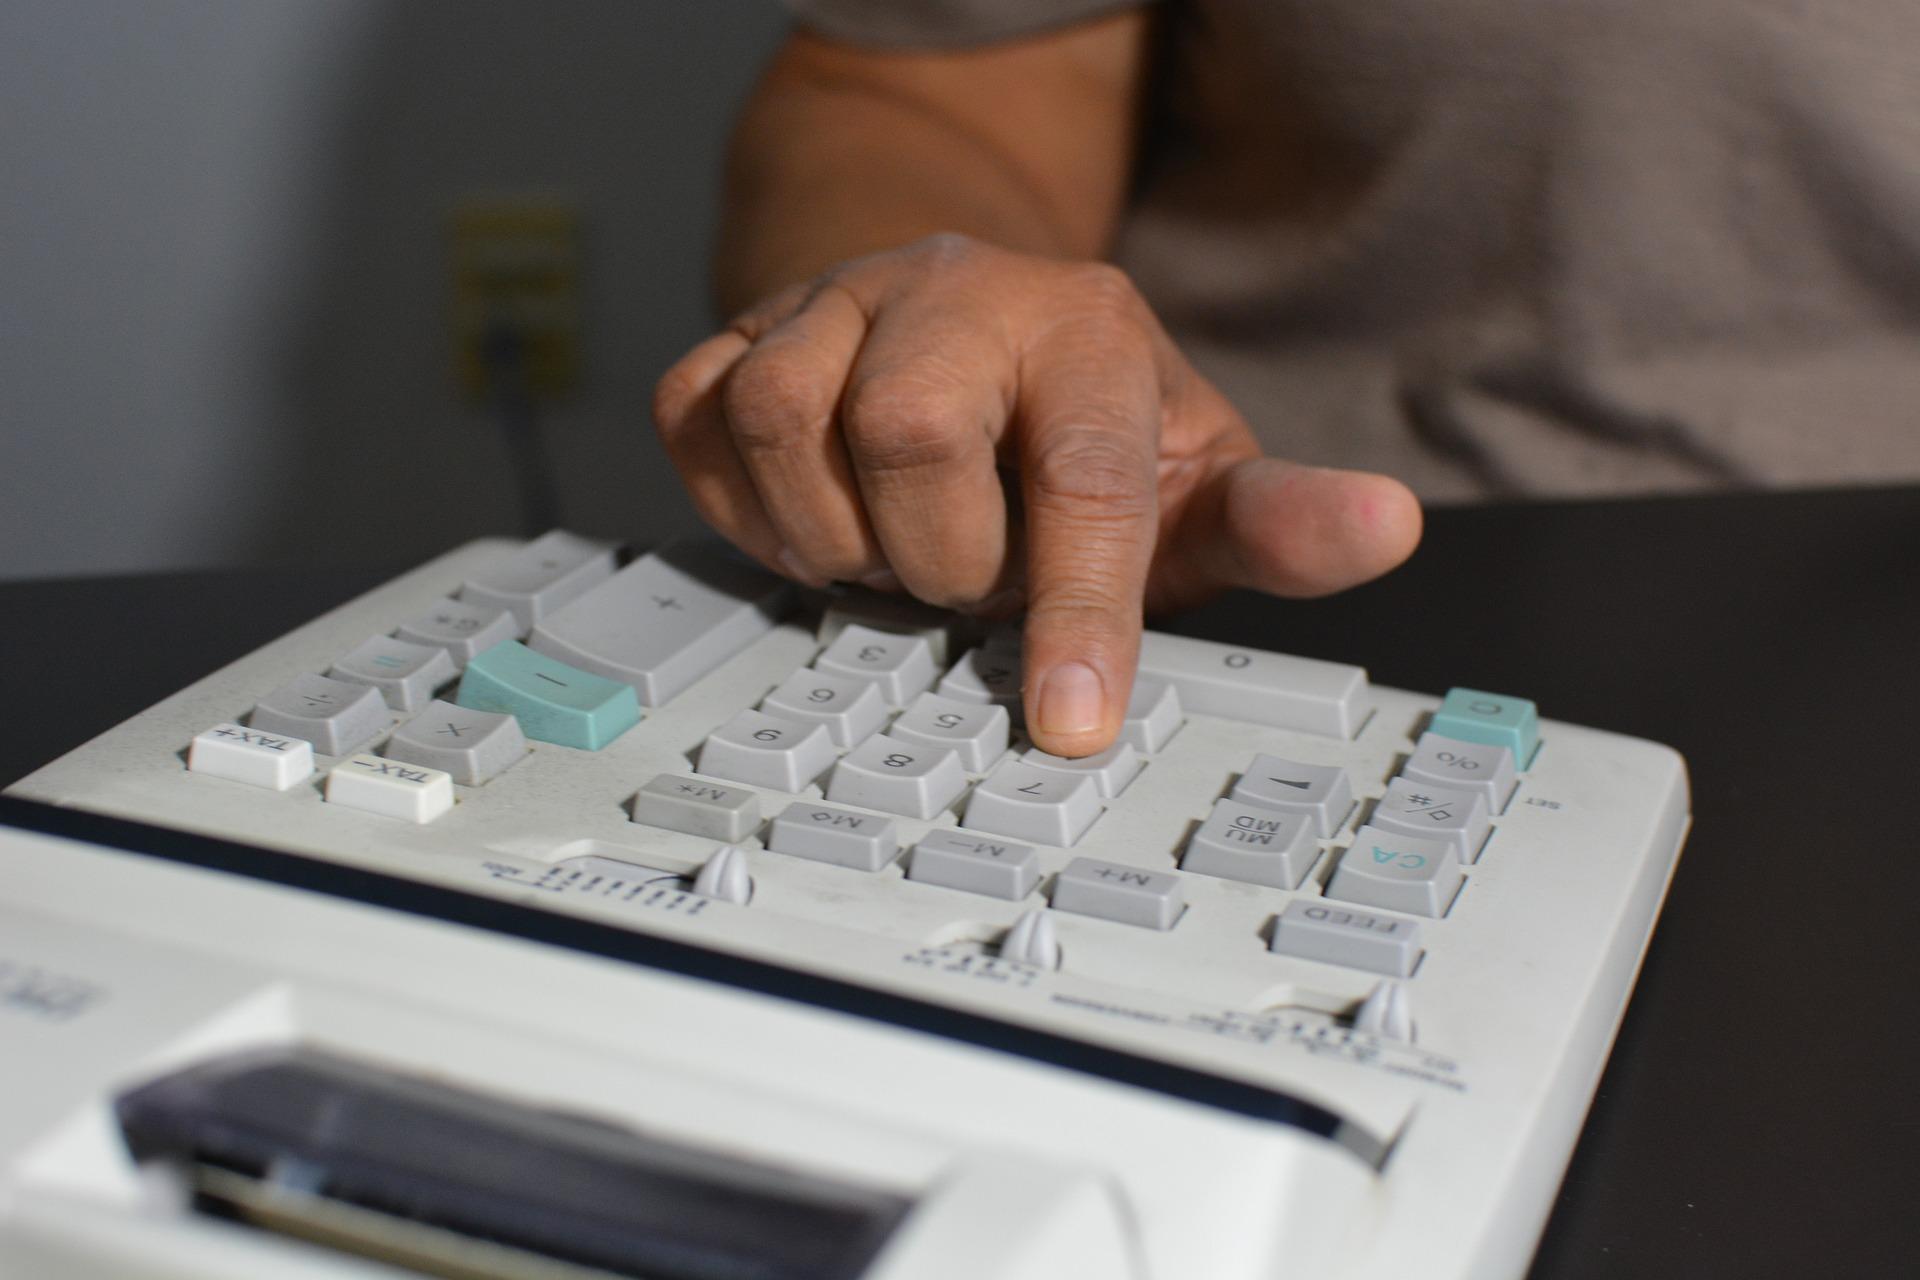 contabilidad electronica 2017